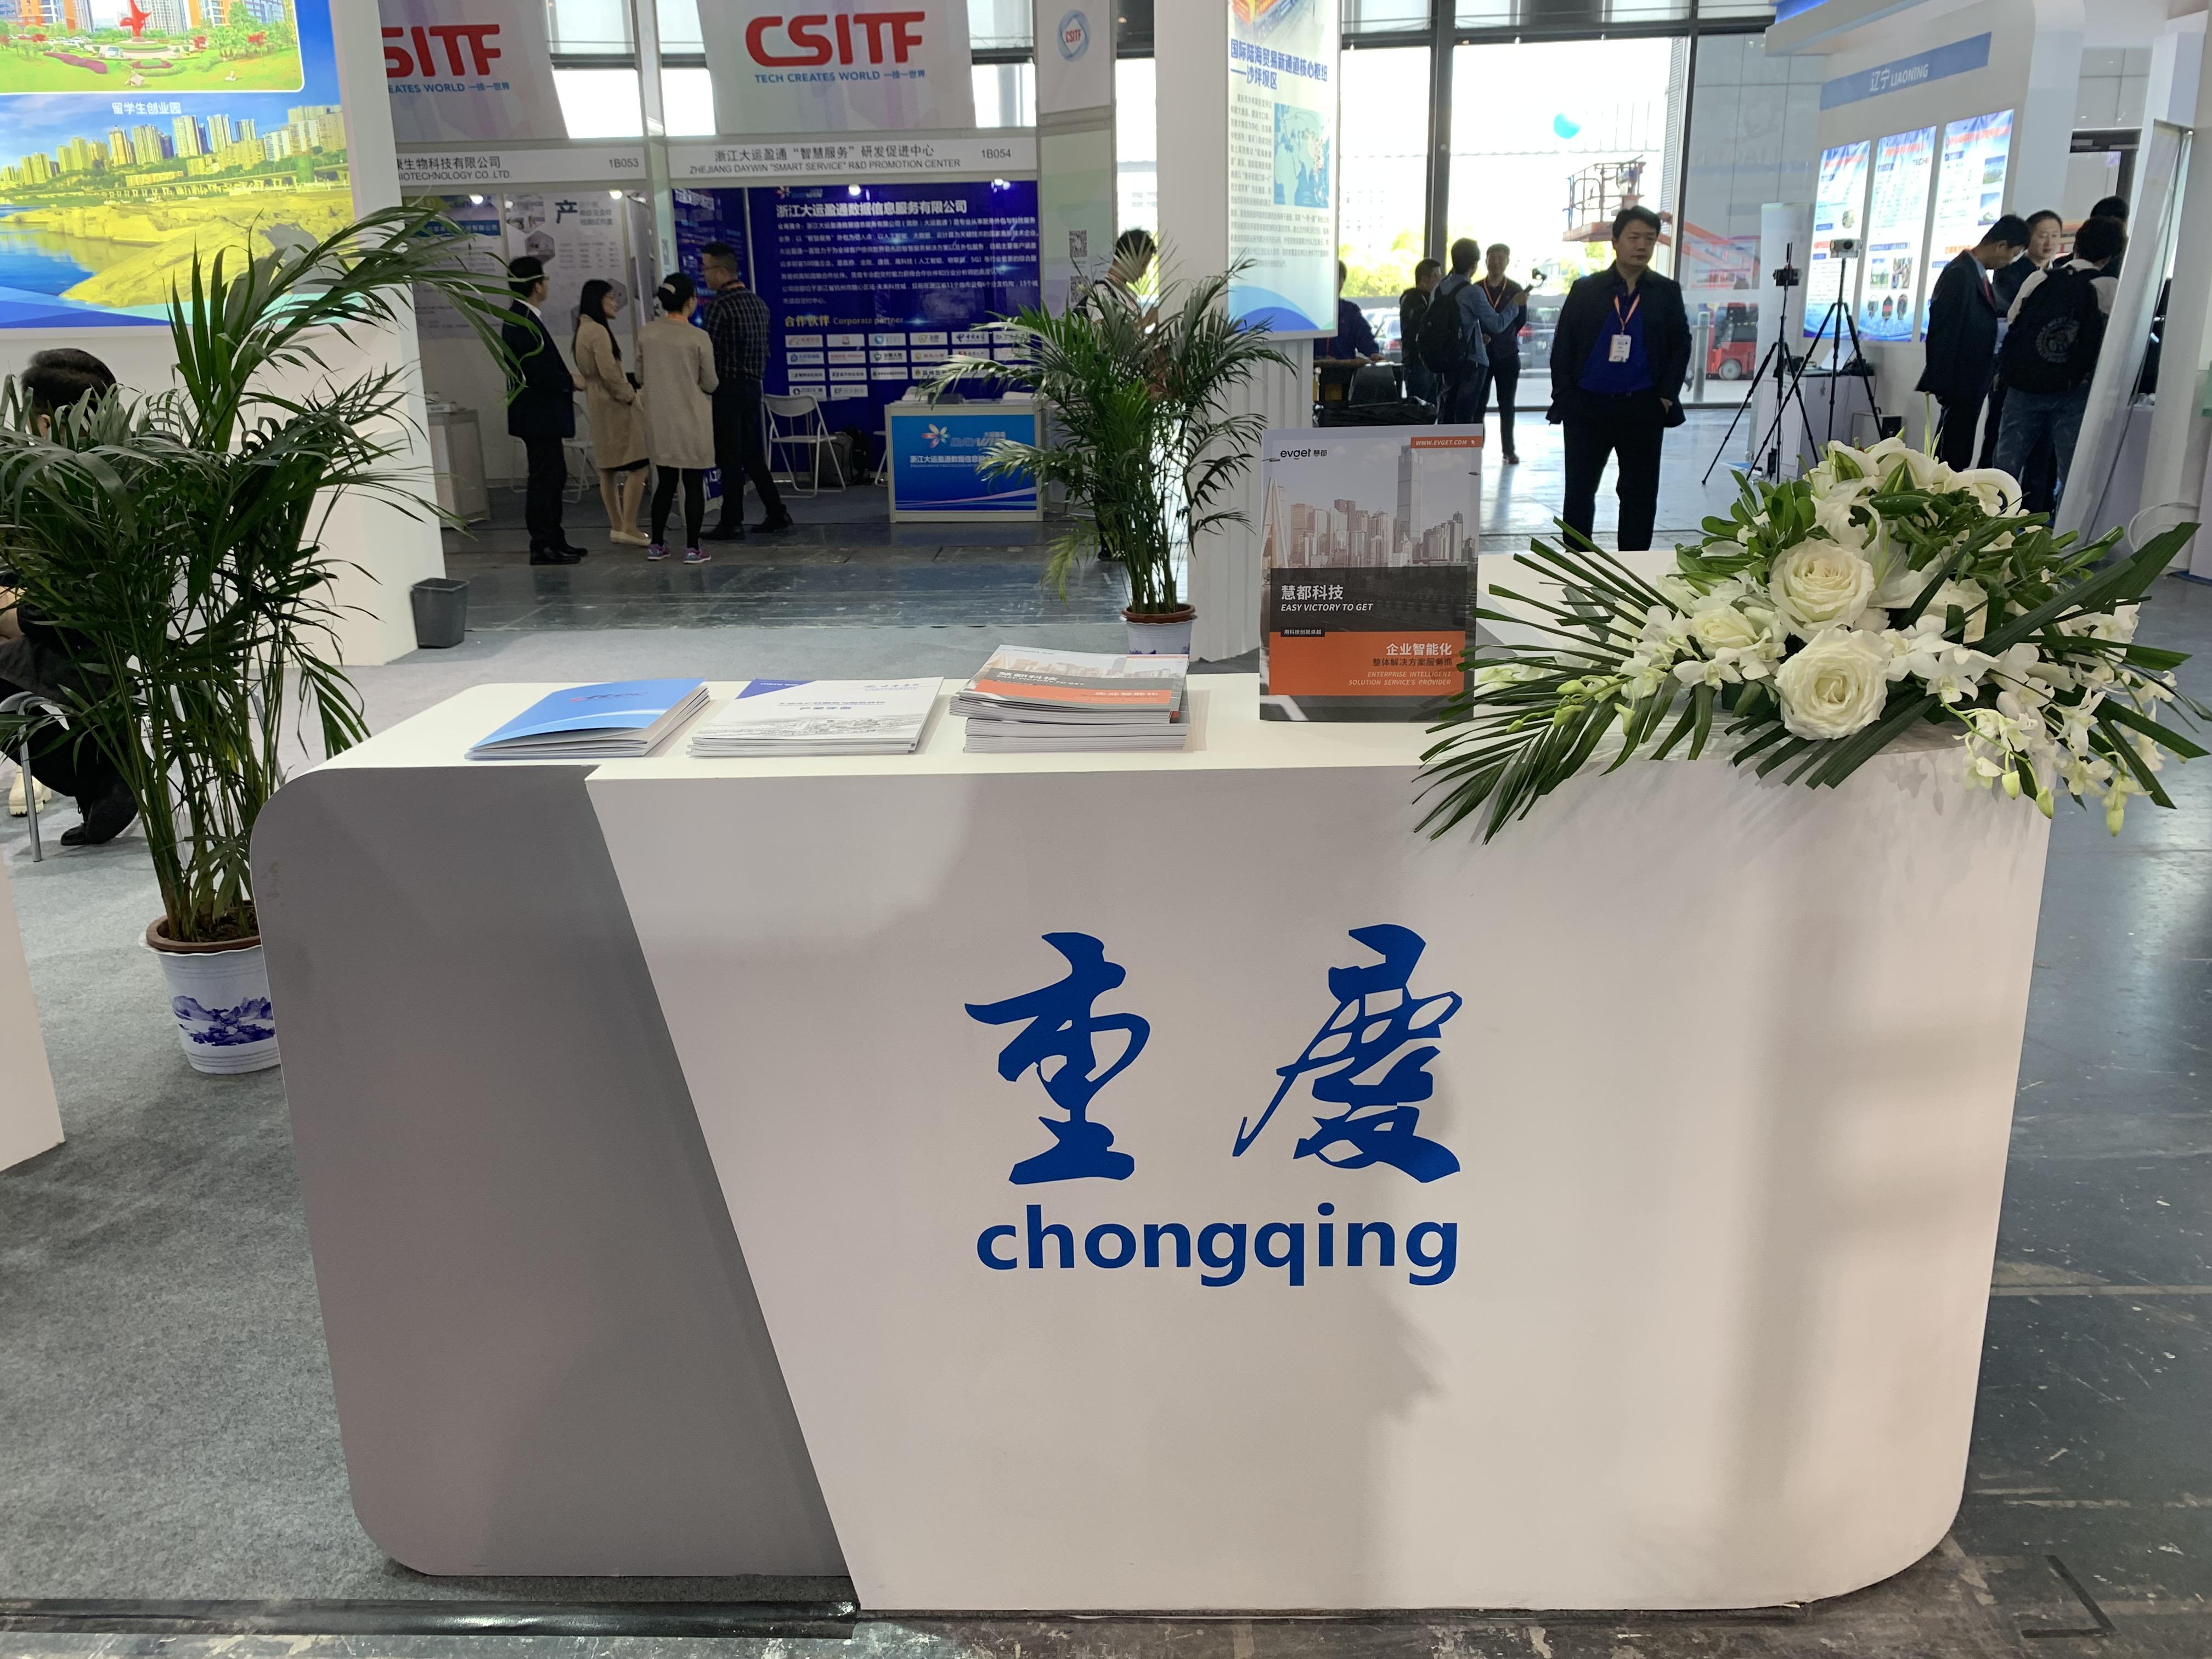 慧都代表重庆亮相第七届中国(上海)国际技术进出口交易会